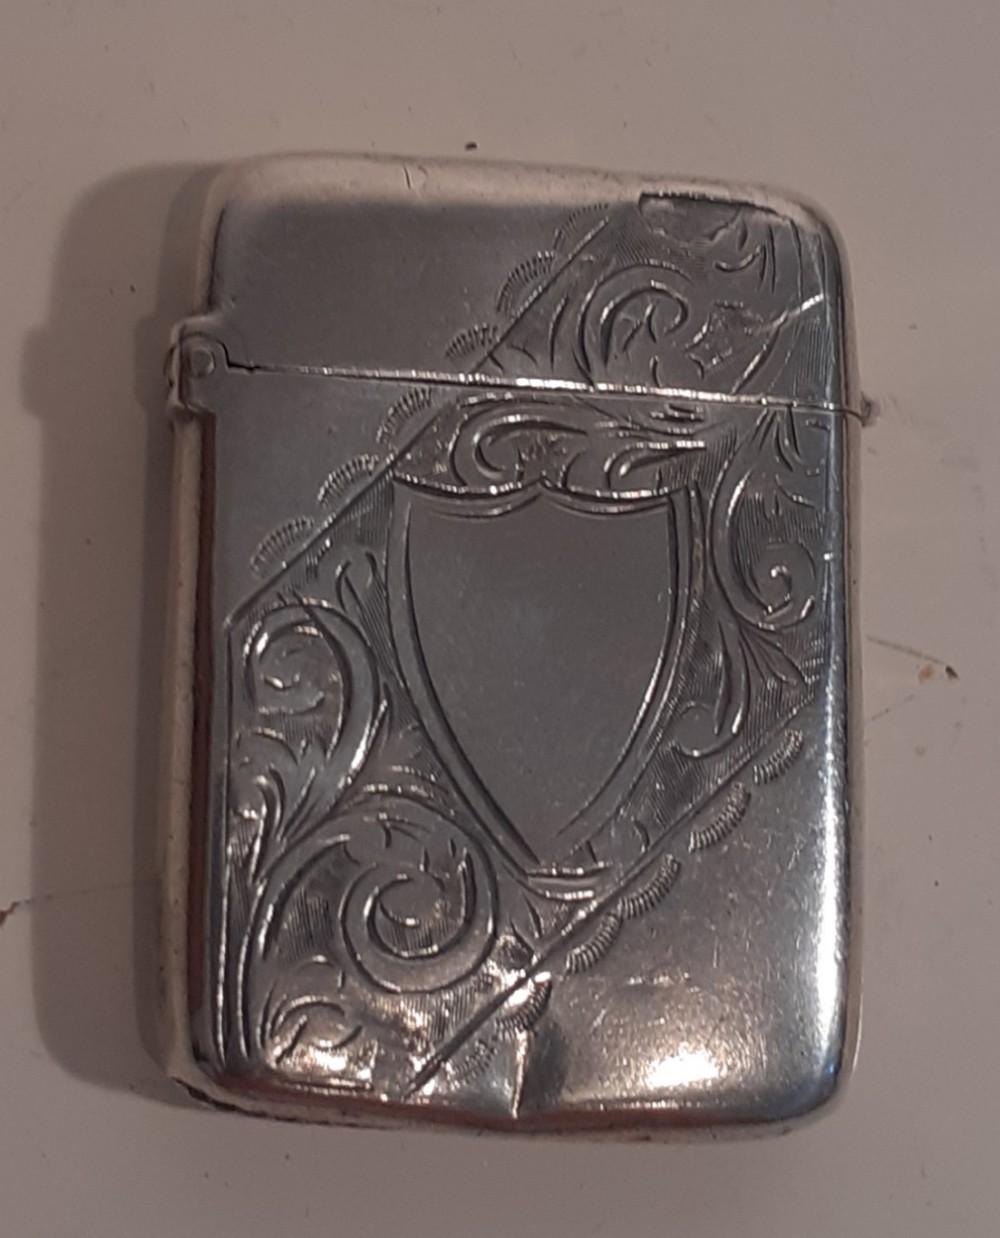 silver vesta case hallmarked 1898